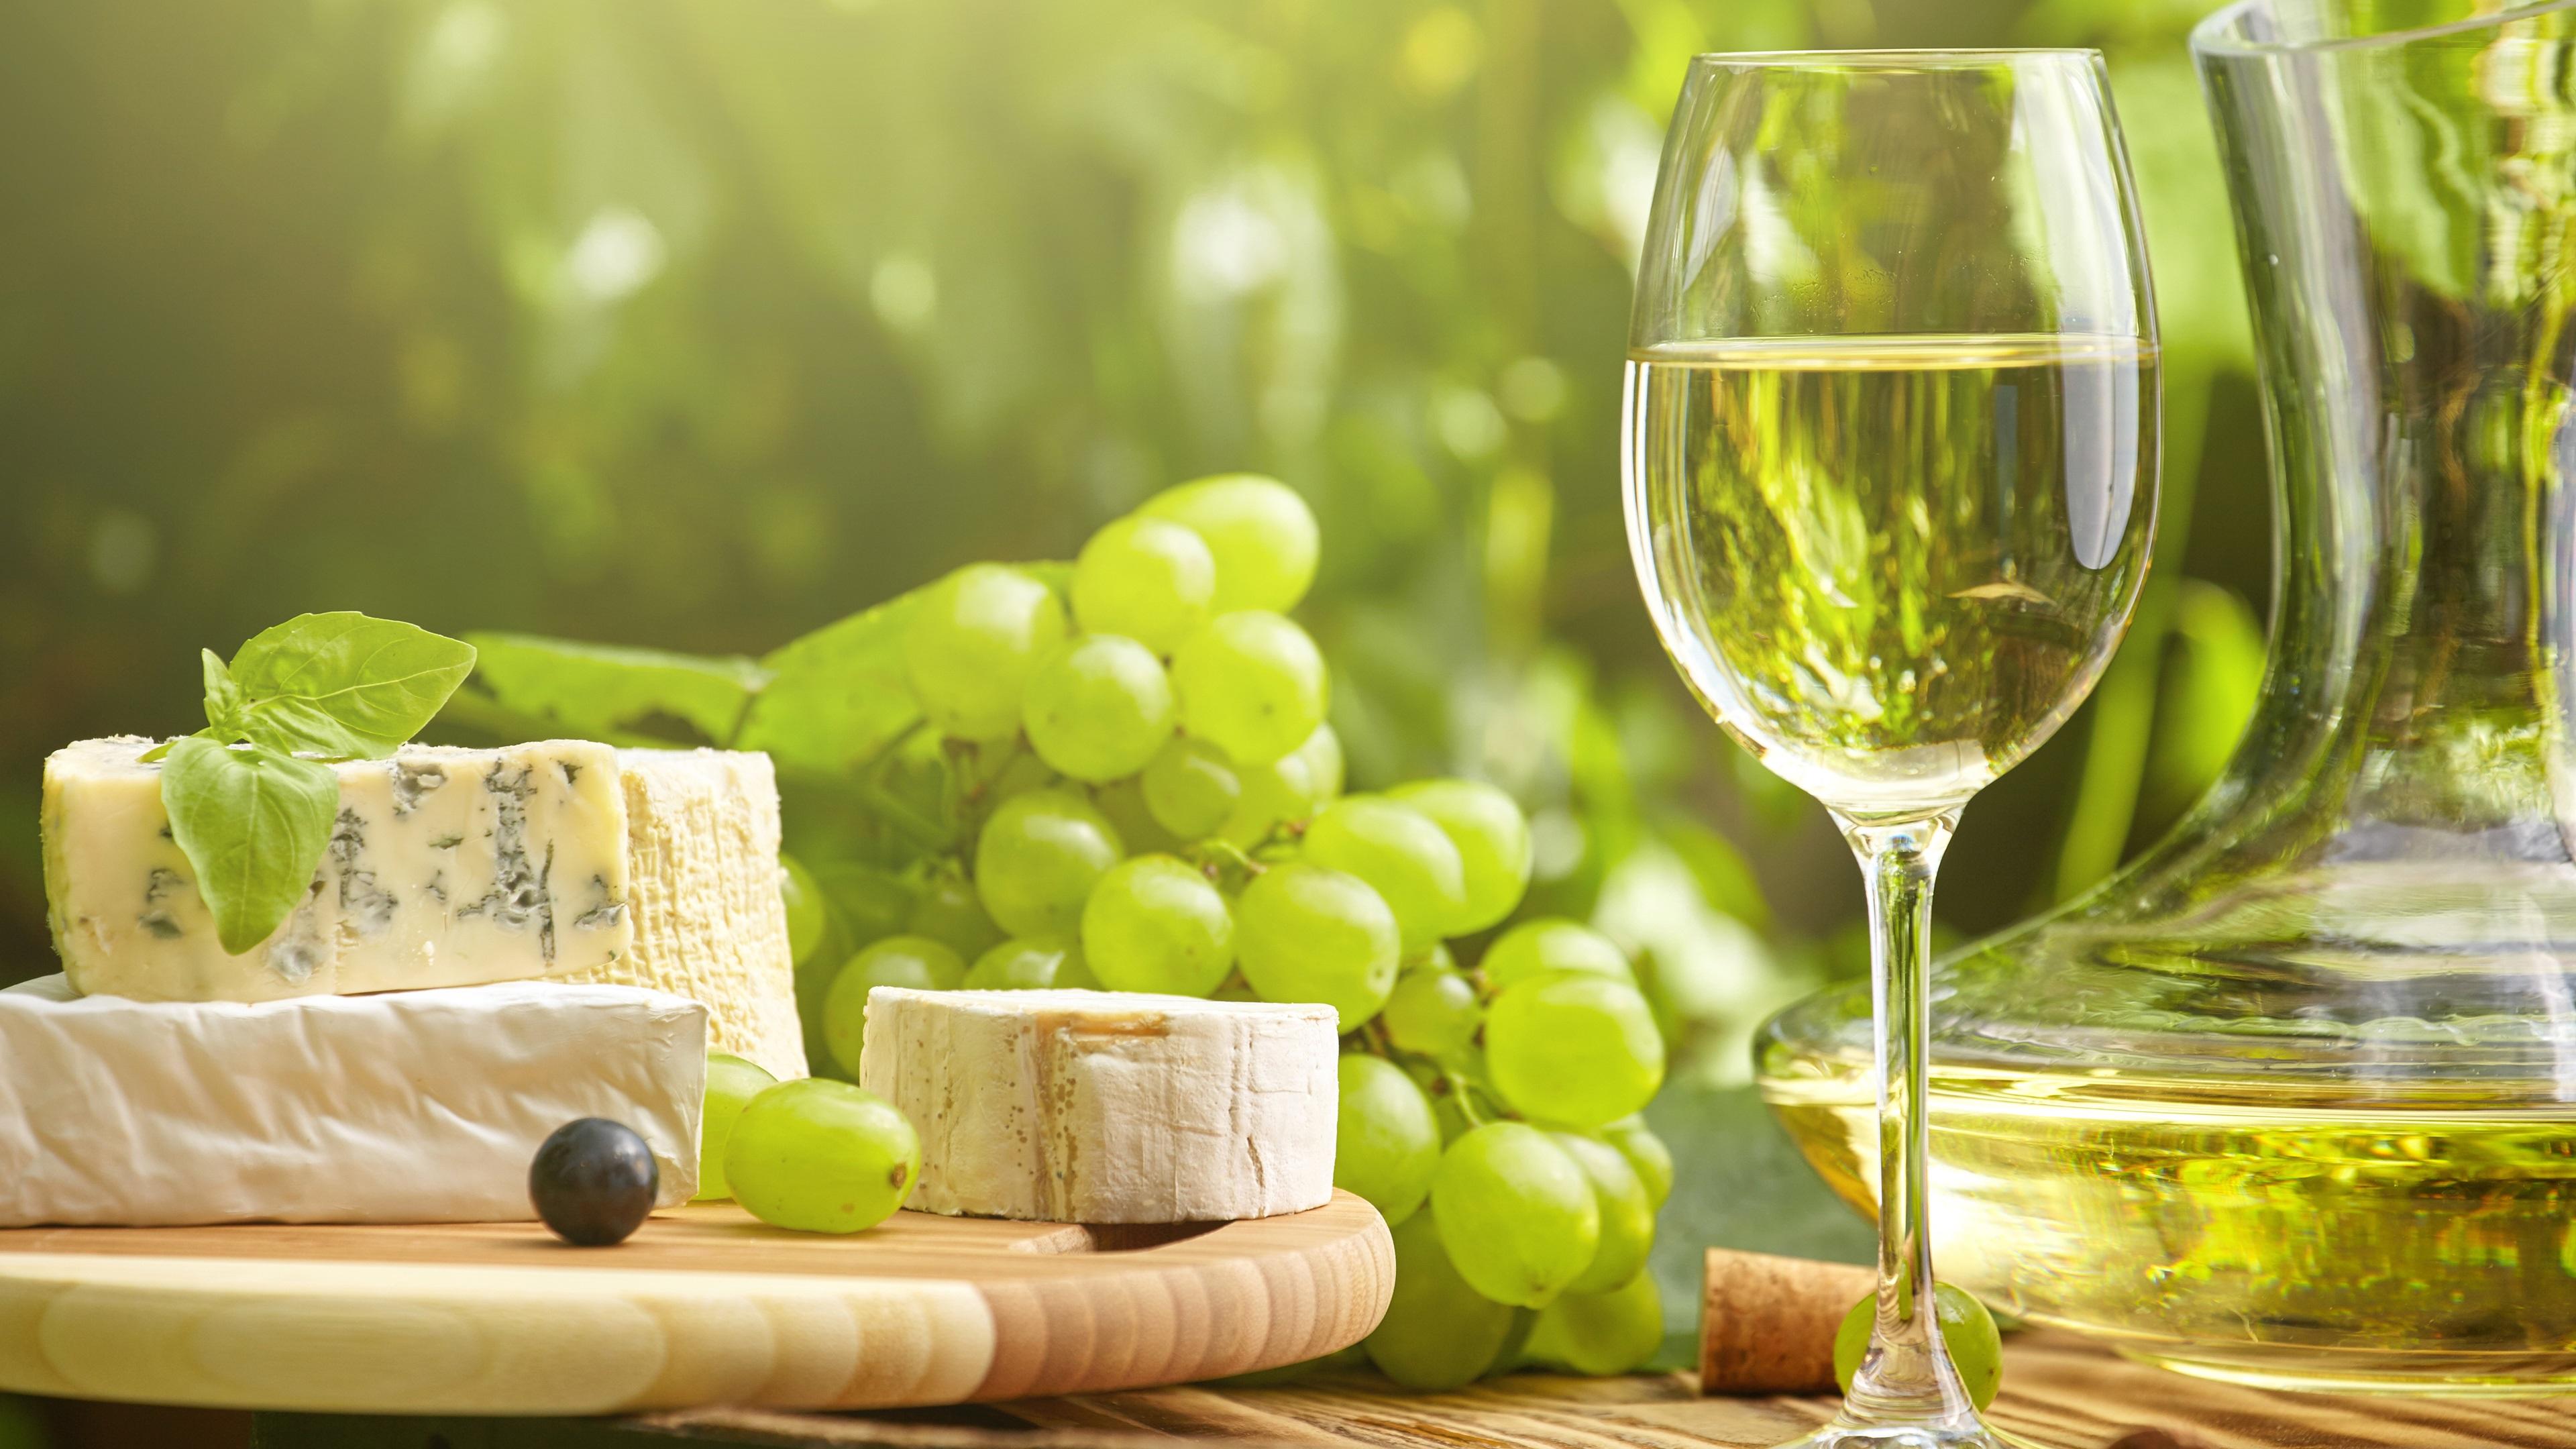 видит, зеленое вино картинки тема обросла таким